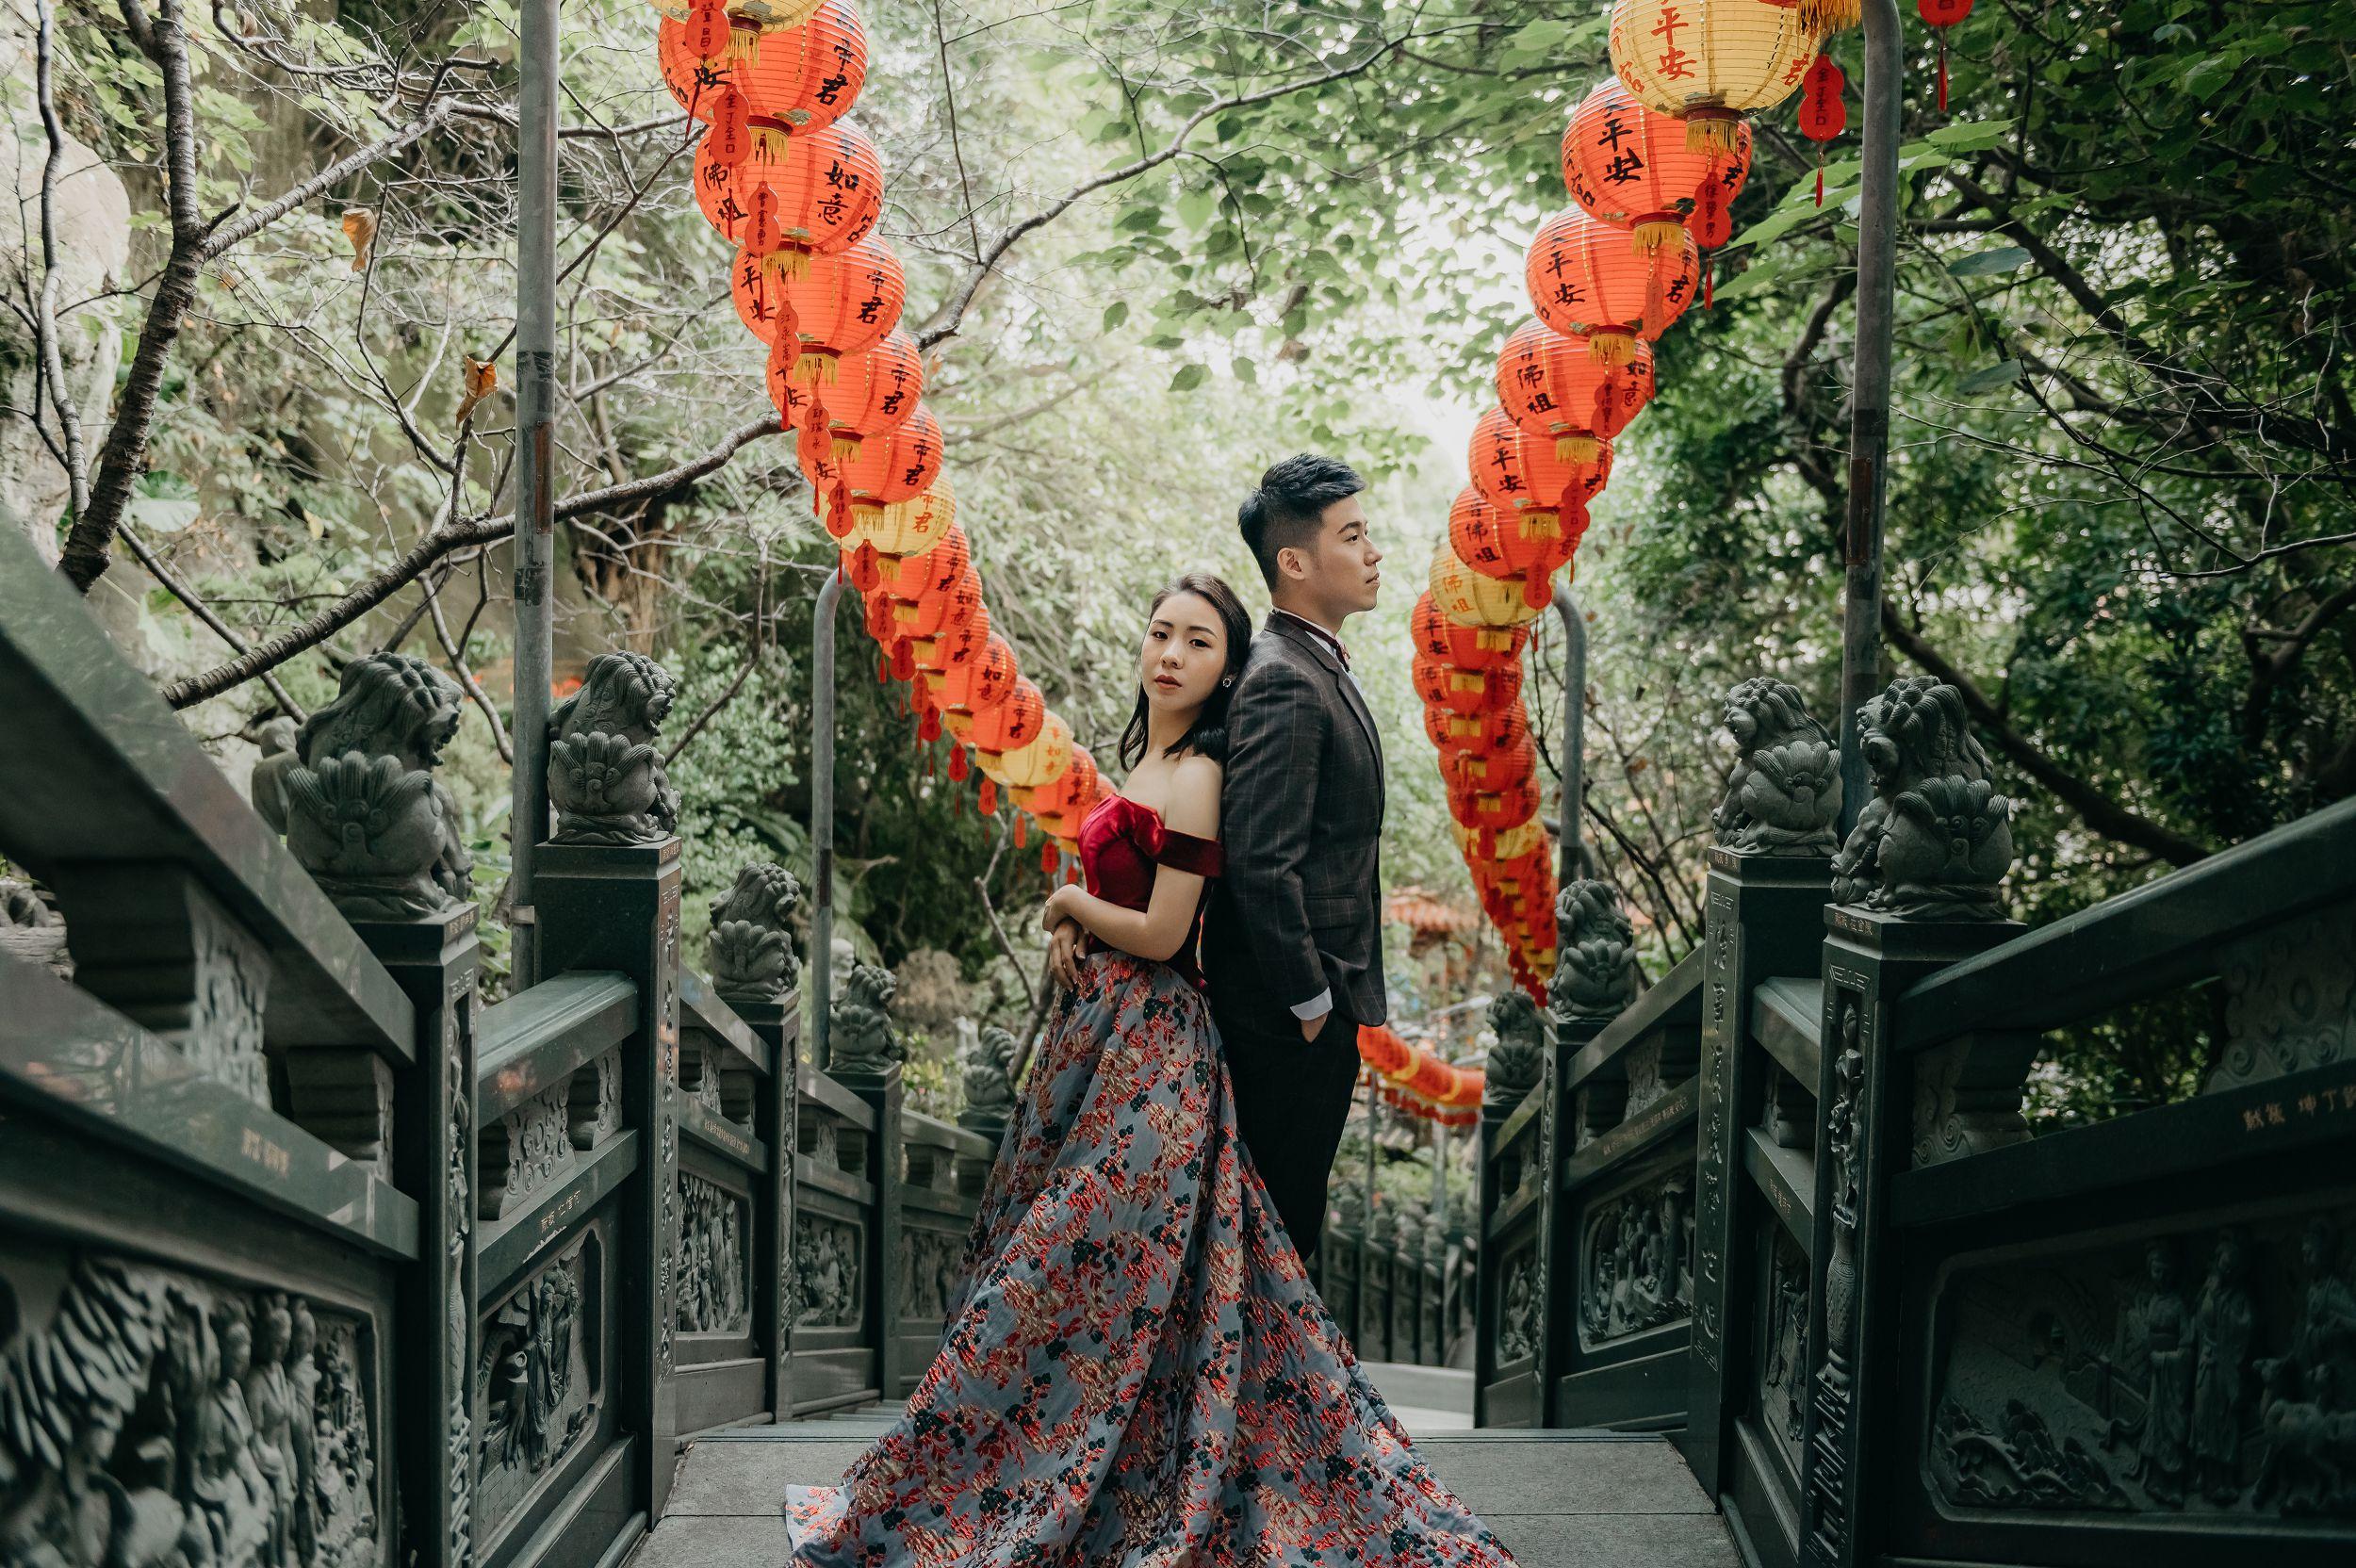 貳月婚紗,攝影師,婚紗外拍,婚紗包套,造型師,台北婚紗,淡水,海邊,故宮,白紗,西服,美式婚紗,瓜瓜造型師,便服外拍